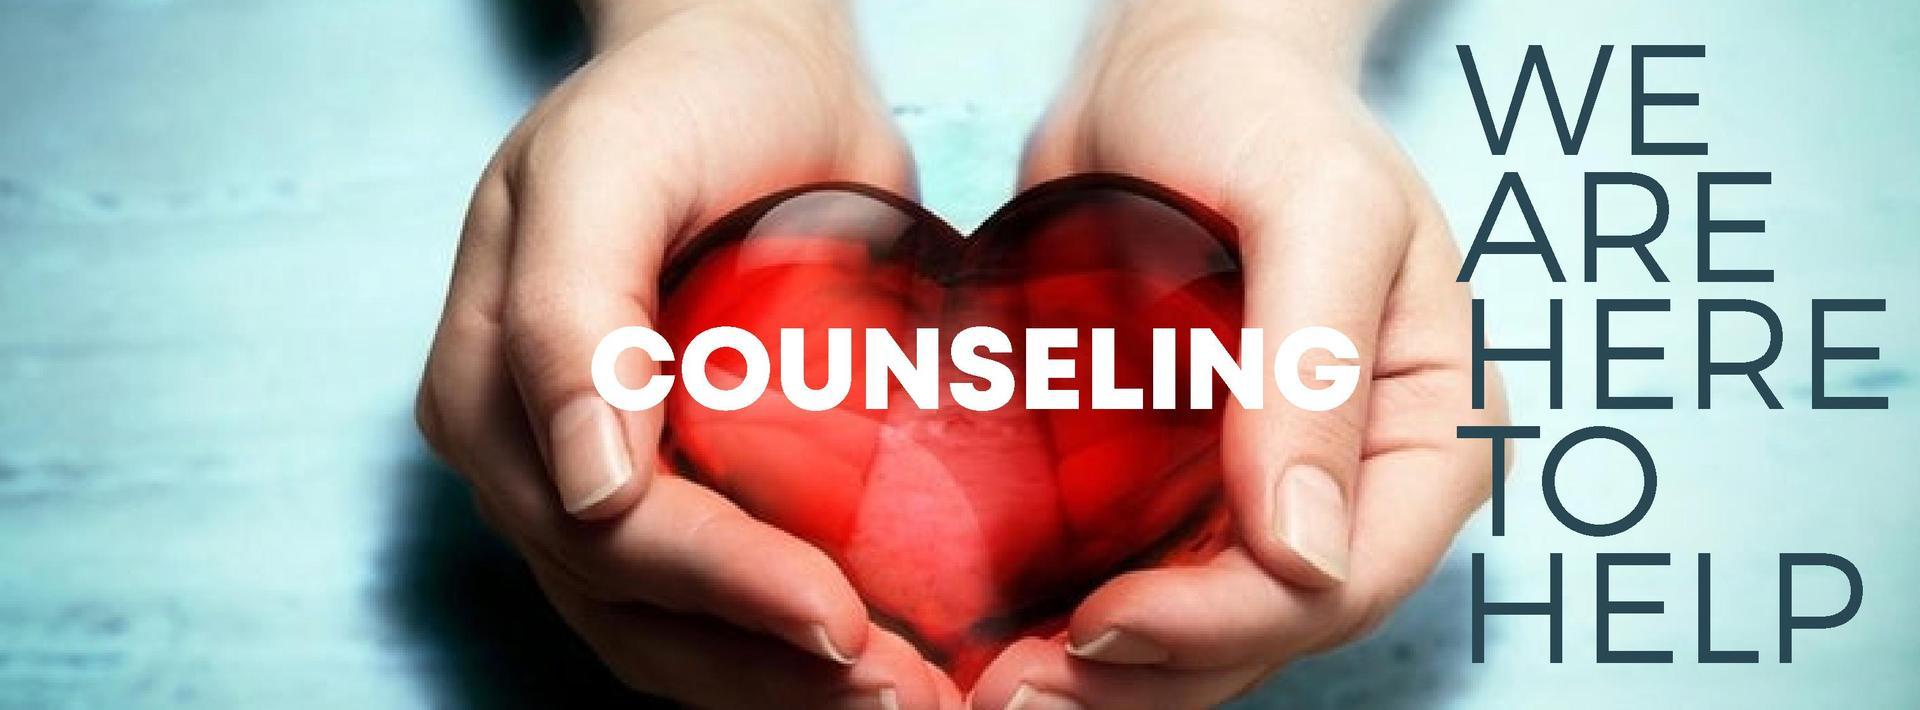 NAWC_Counseling